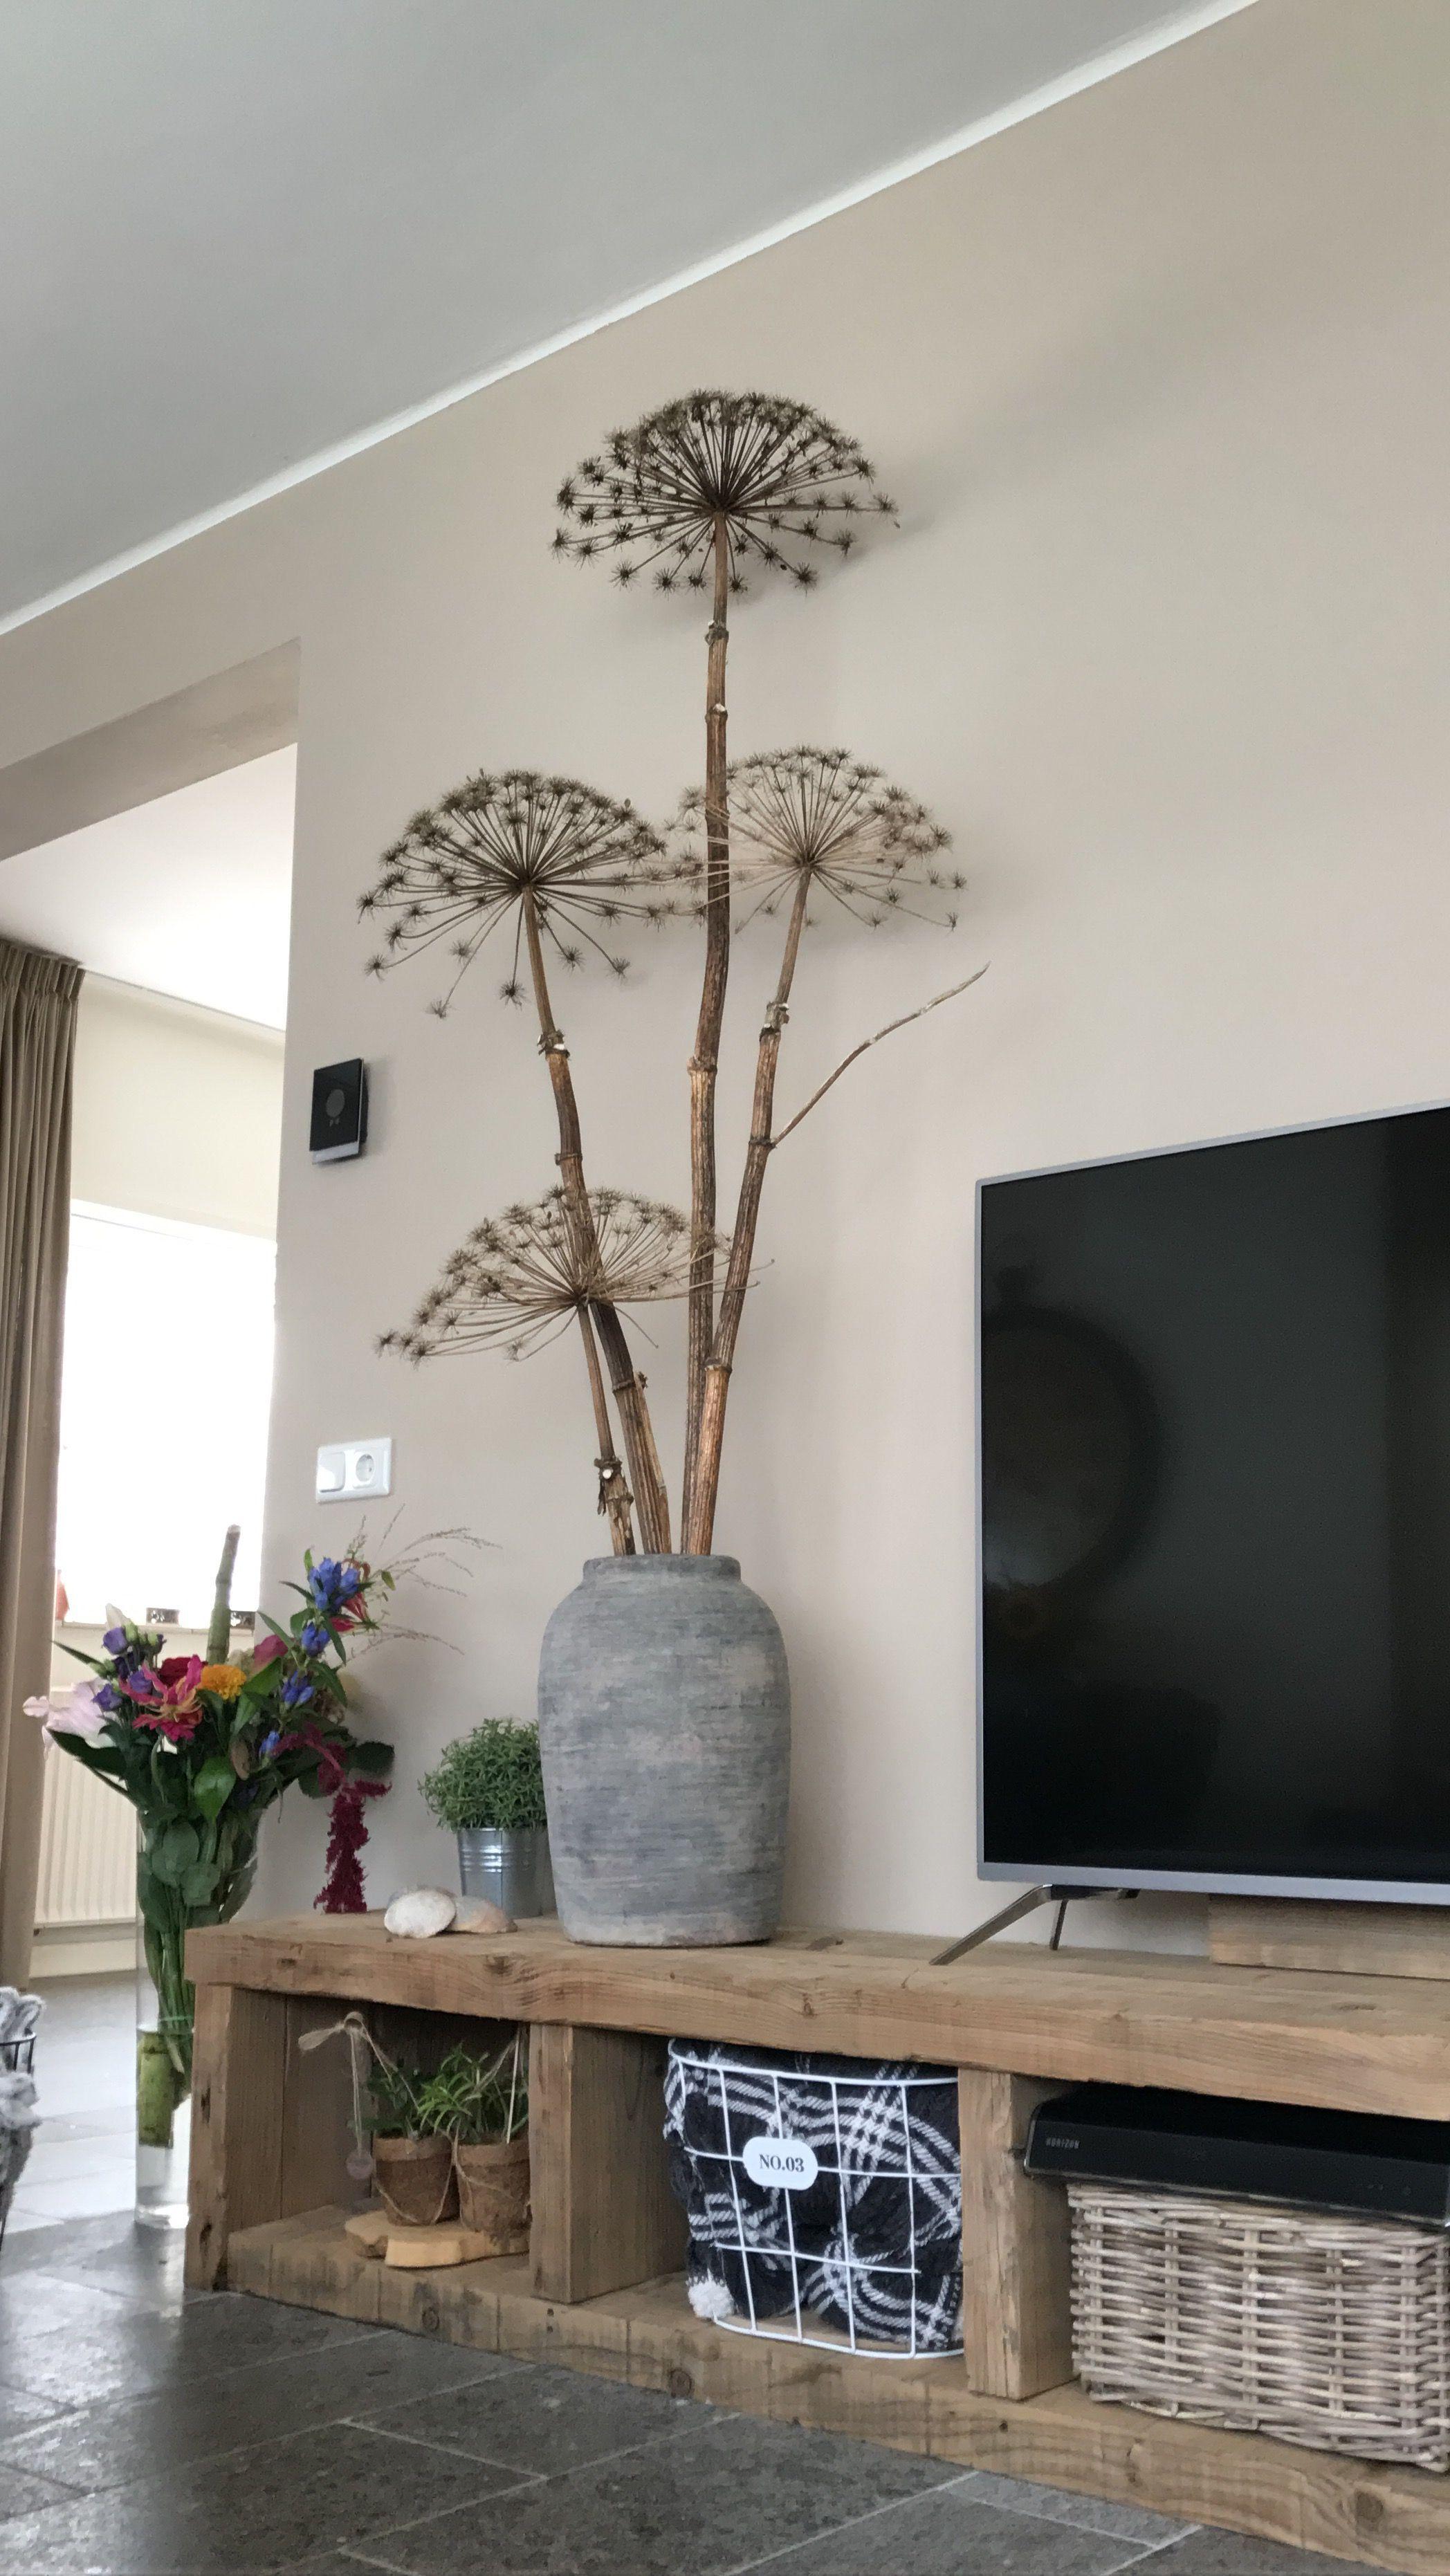 Photo of Grote berenklauw #wanddekowohnzimmer Grote berenklauw